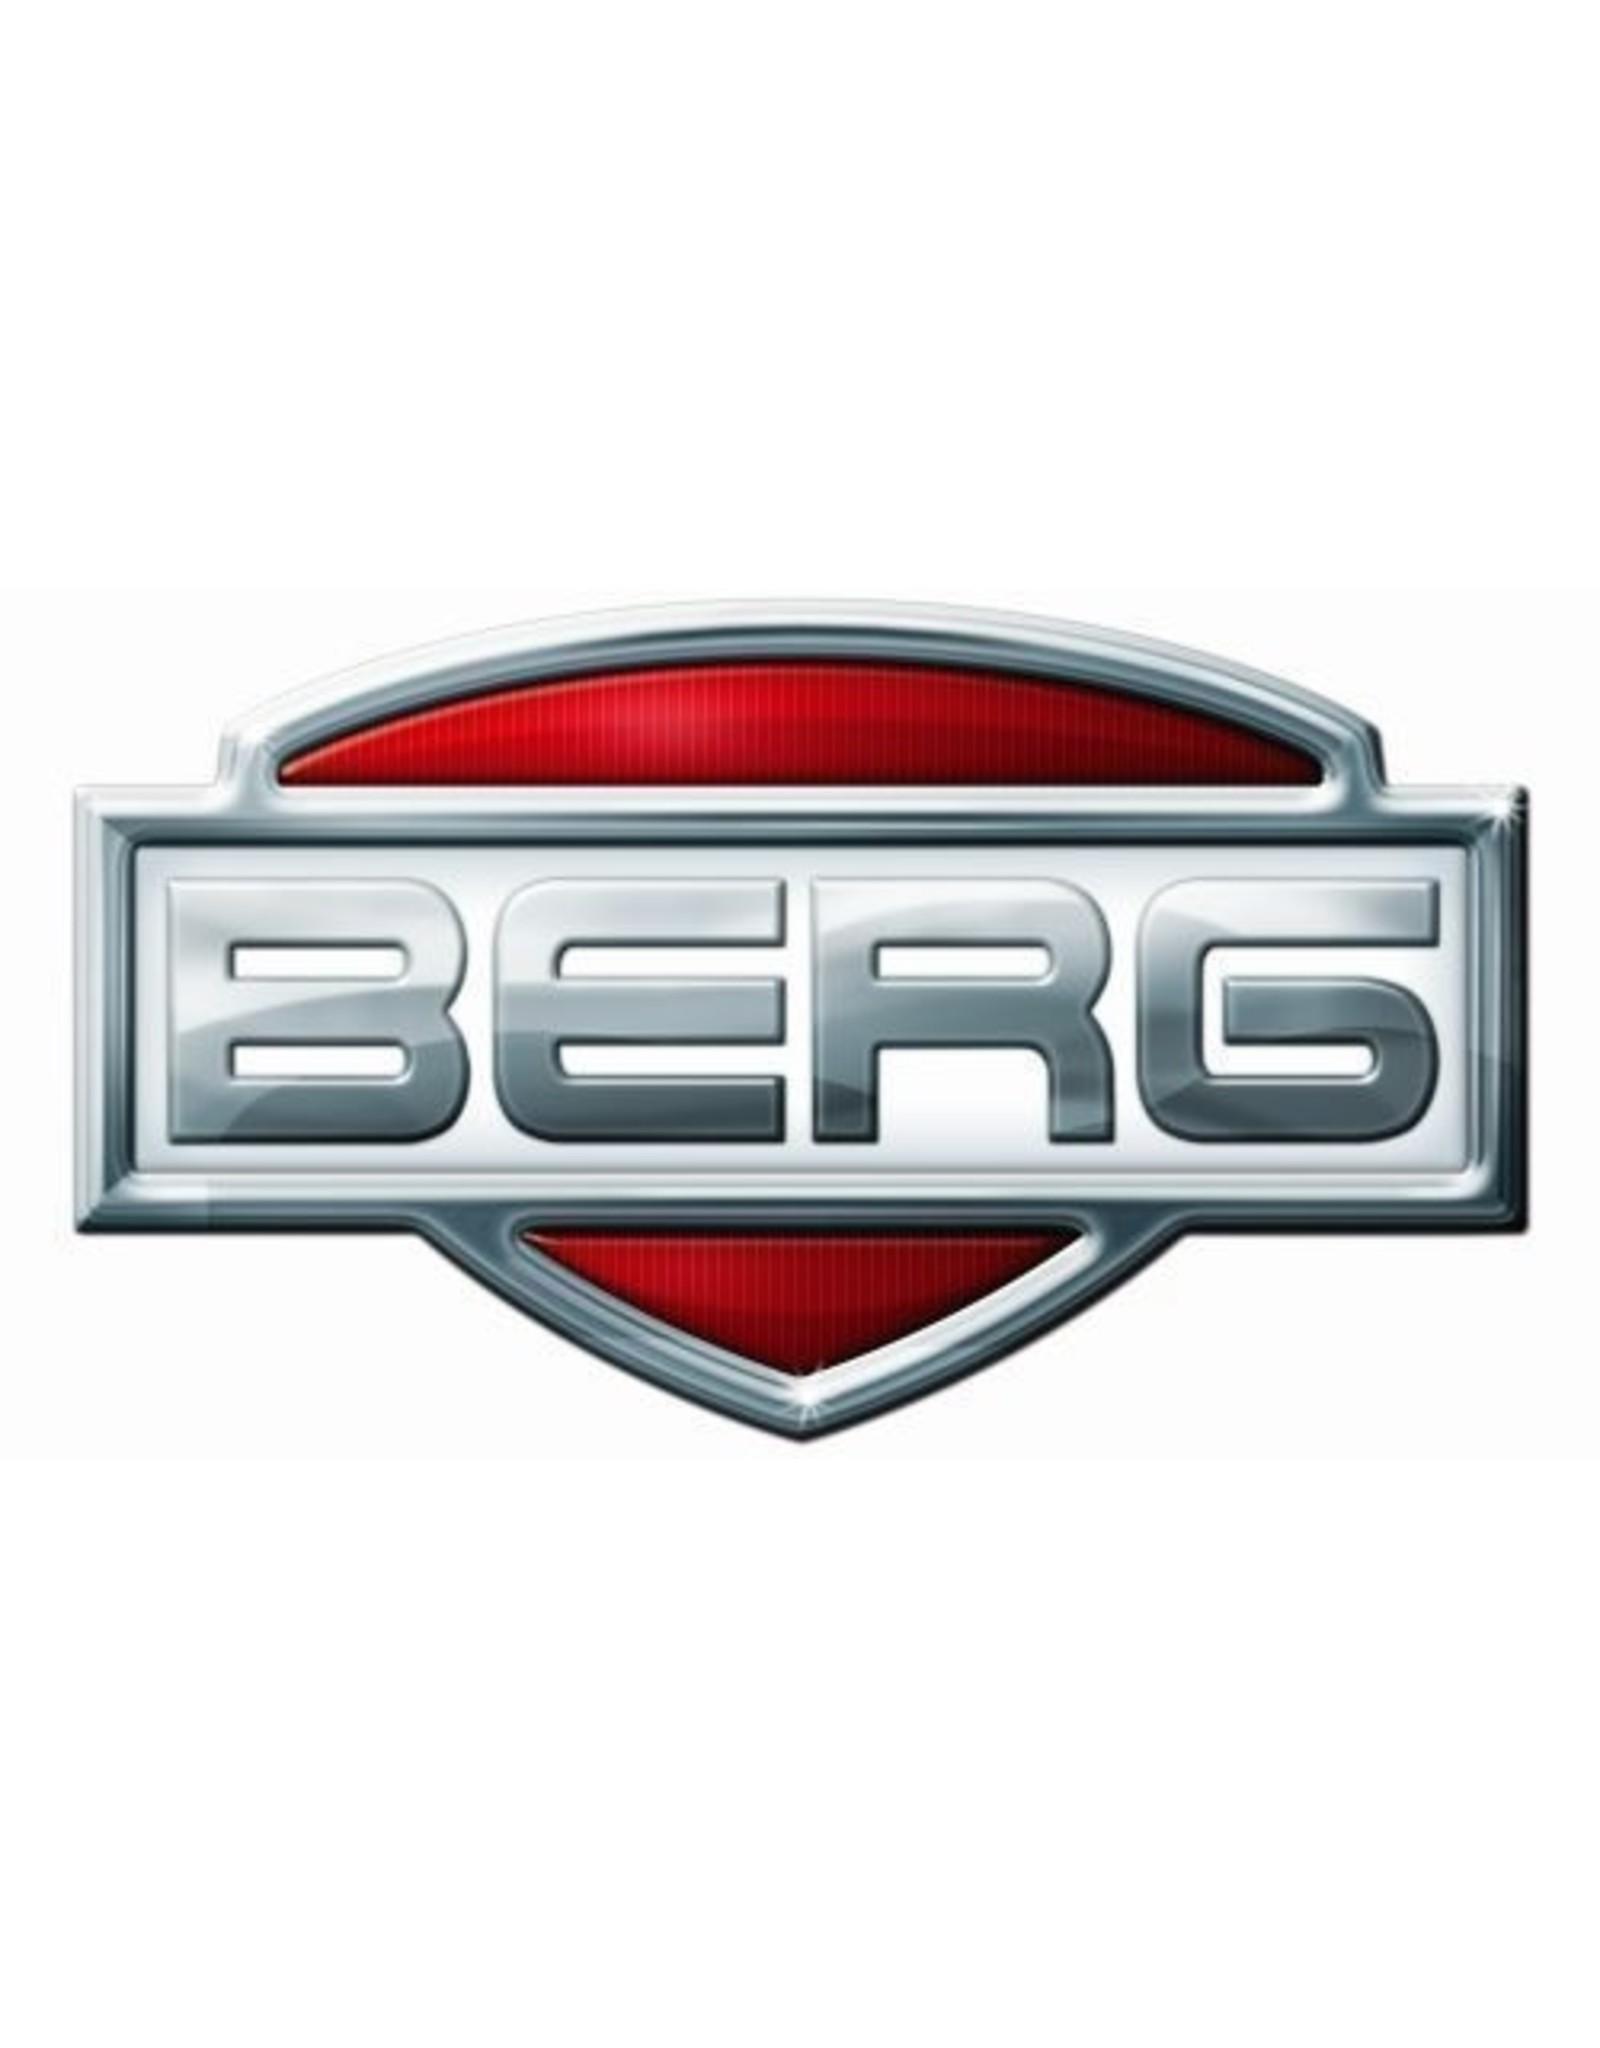 BERG Champion - Veeroog voor springdoek TwinSpring (10x)